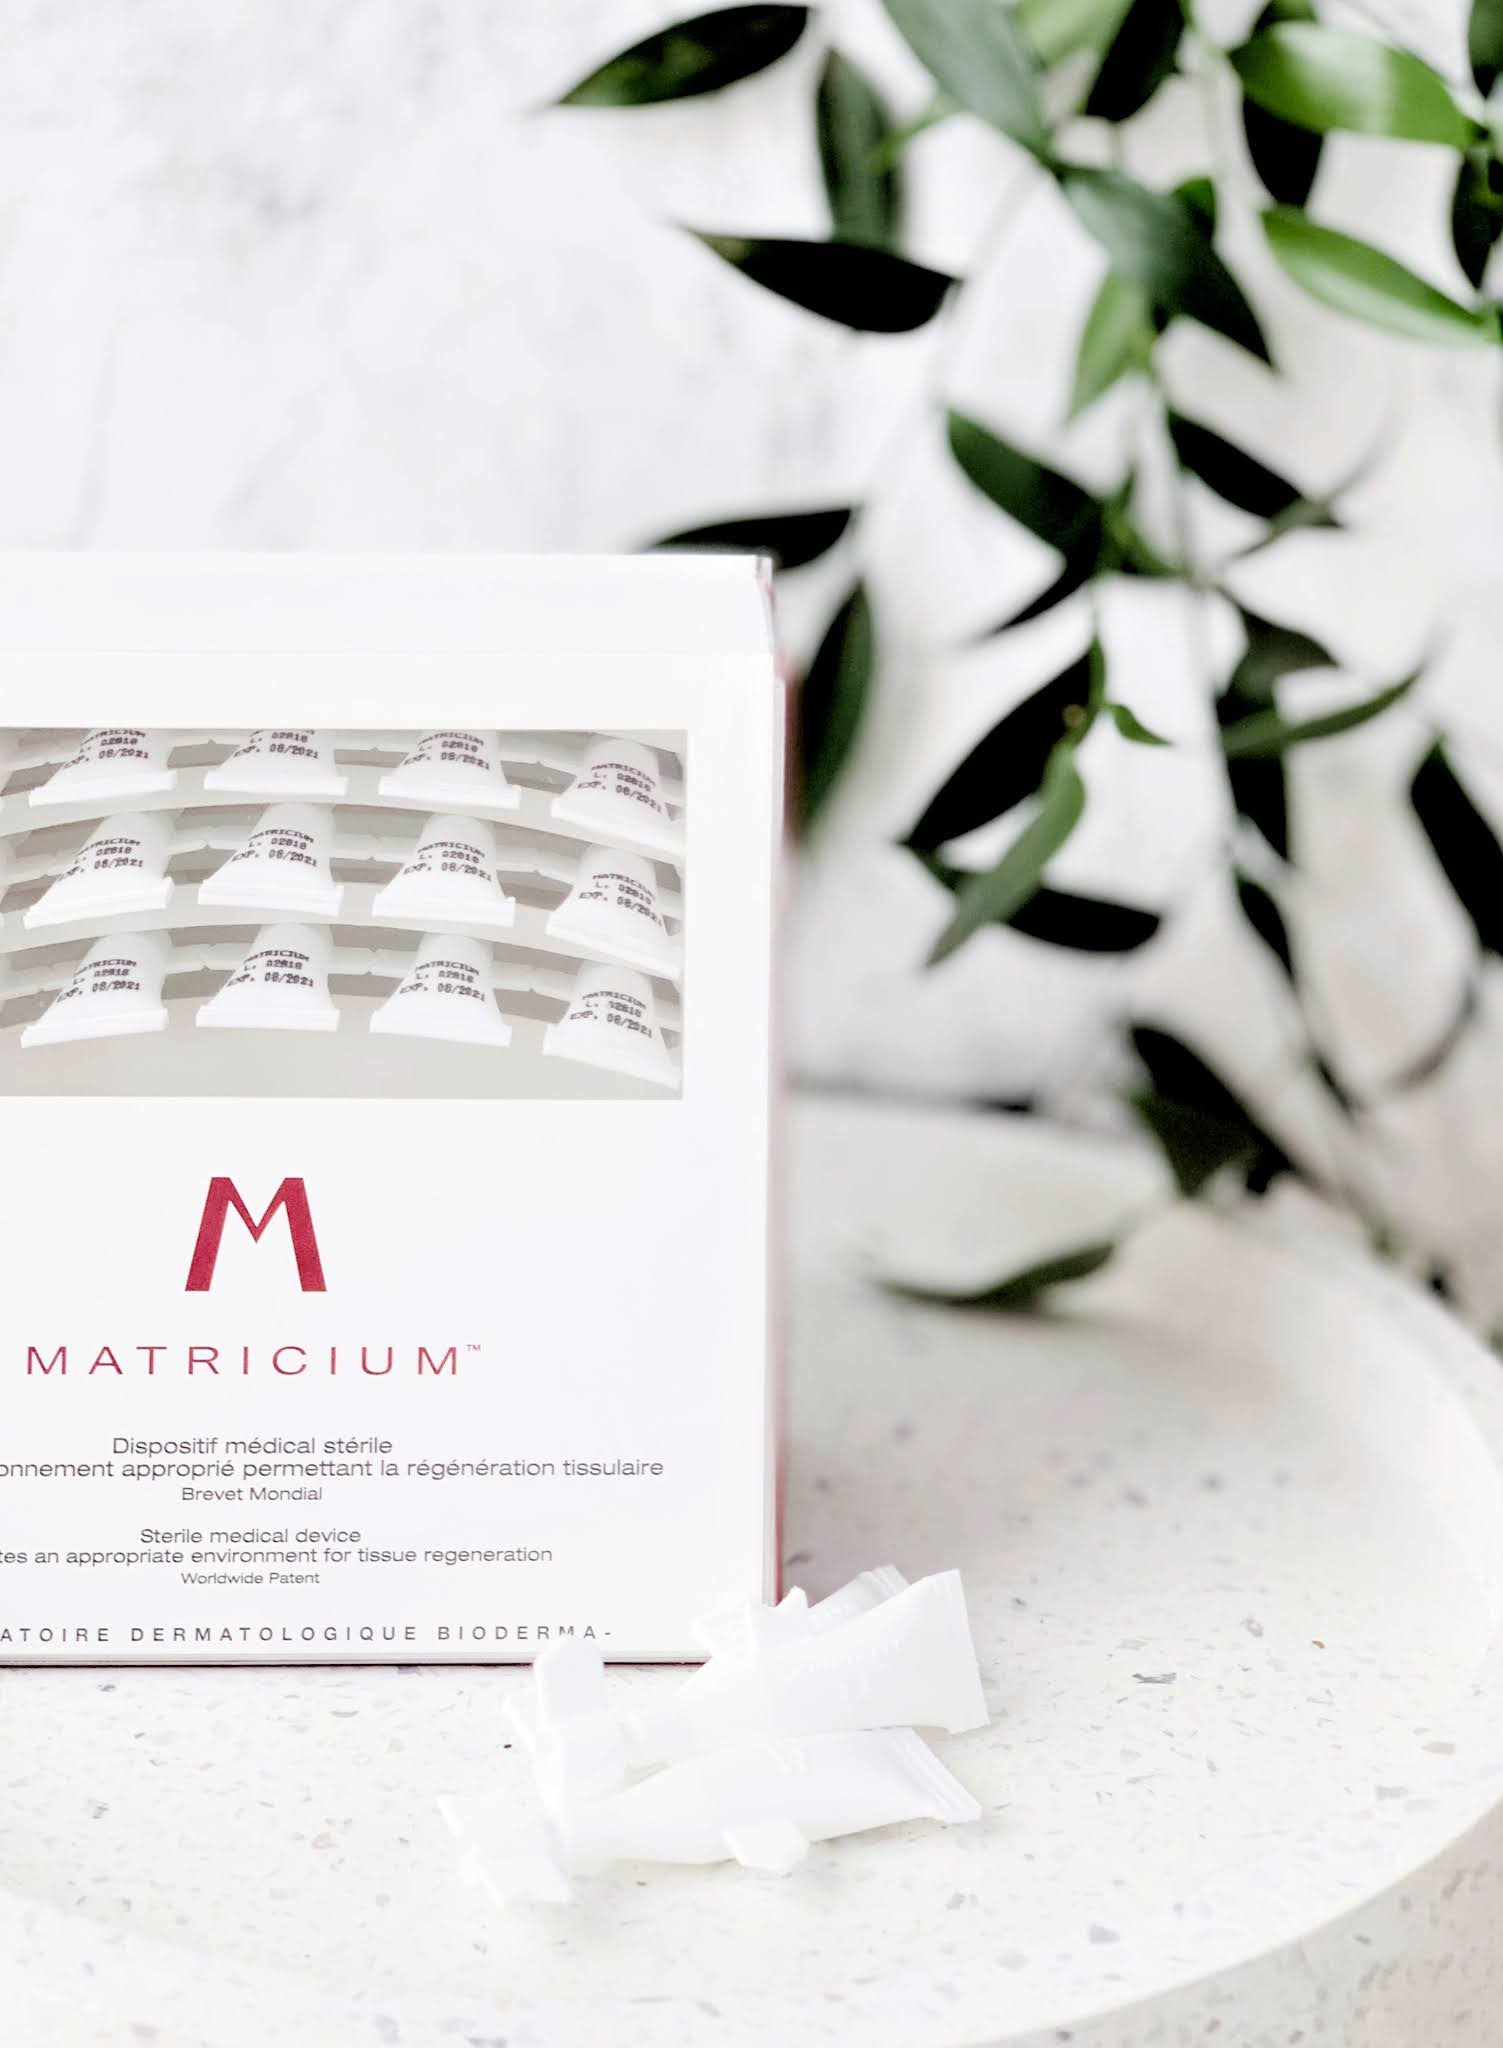 Bioderma-Matricium-recenzja